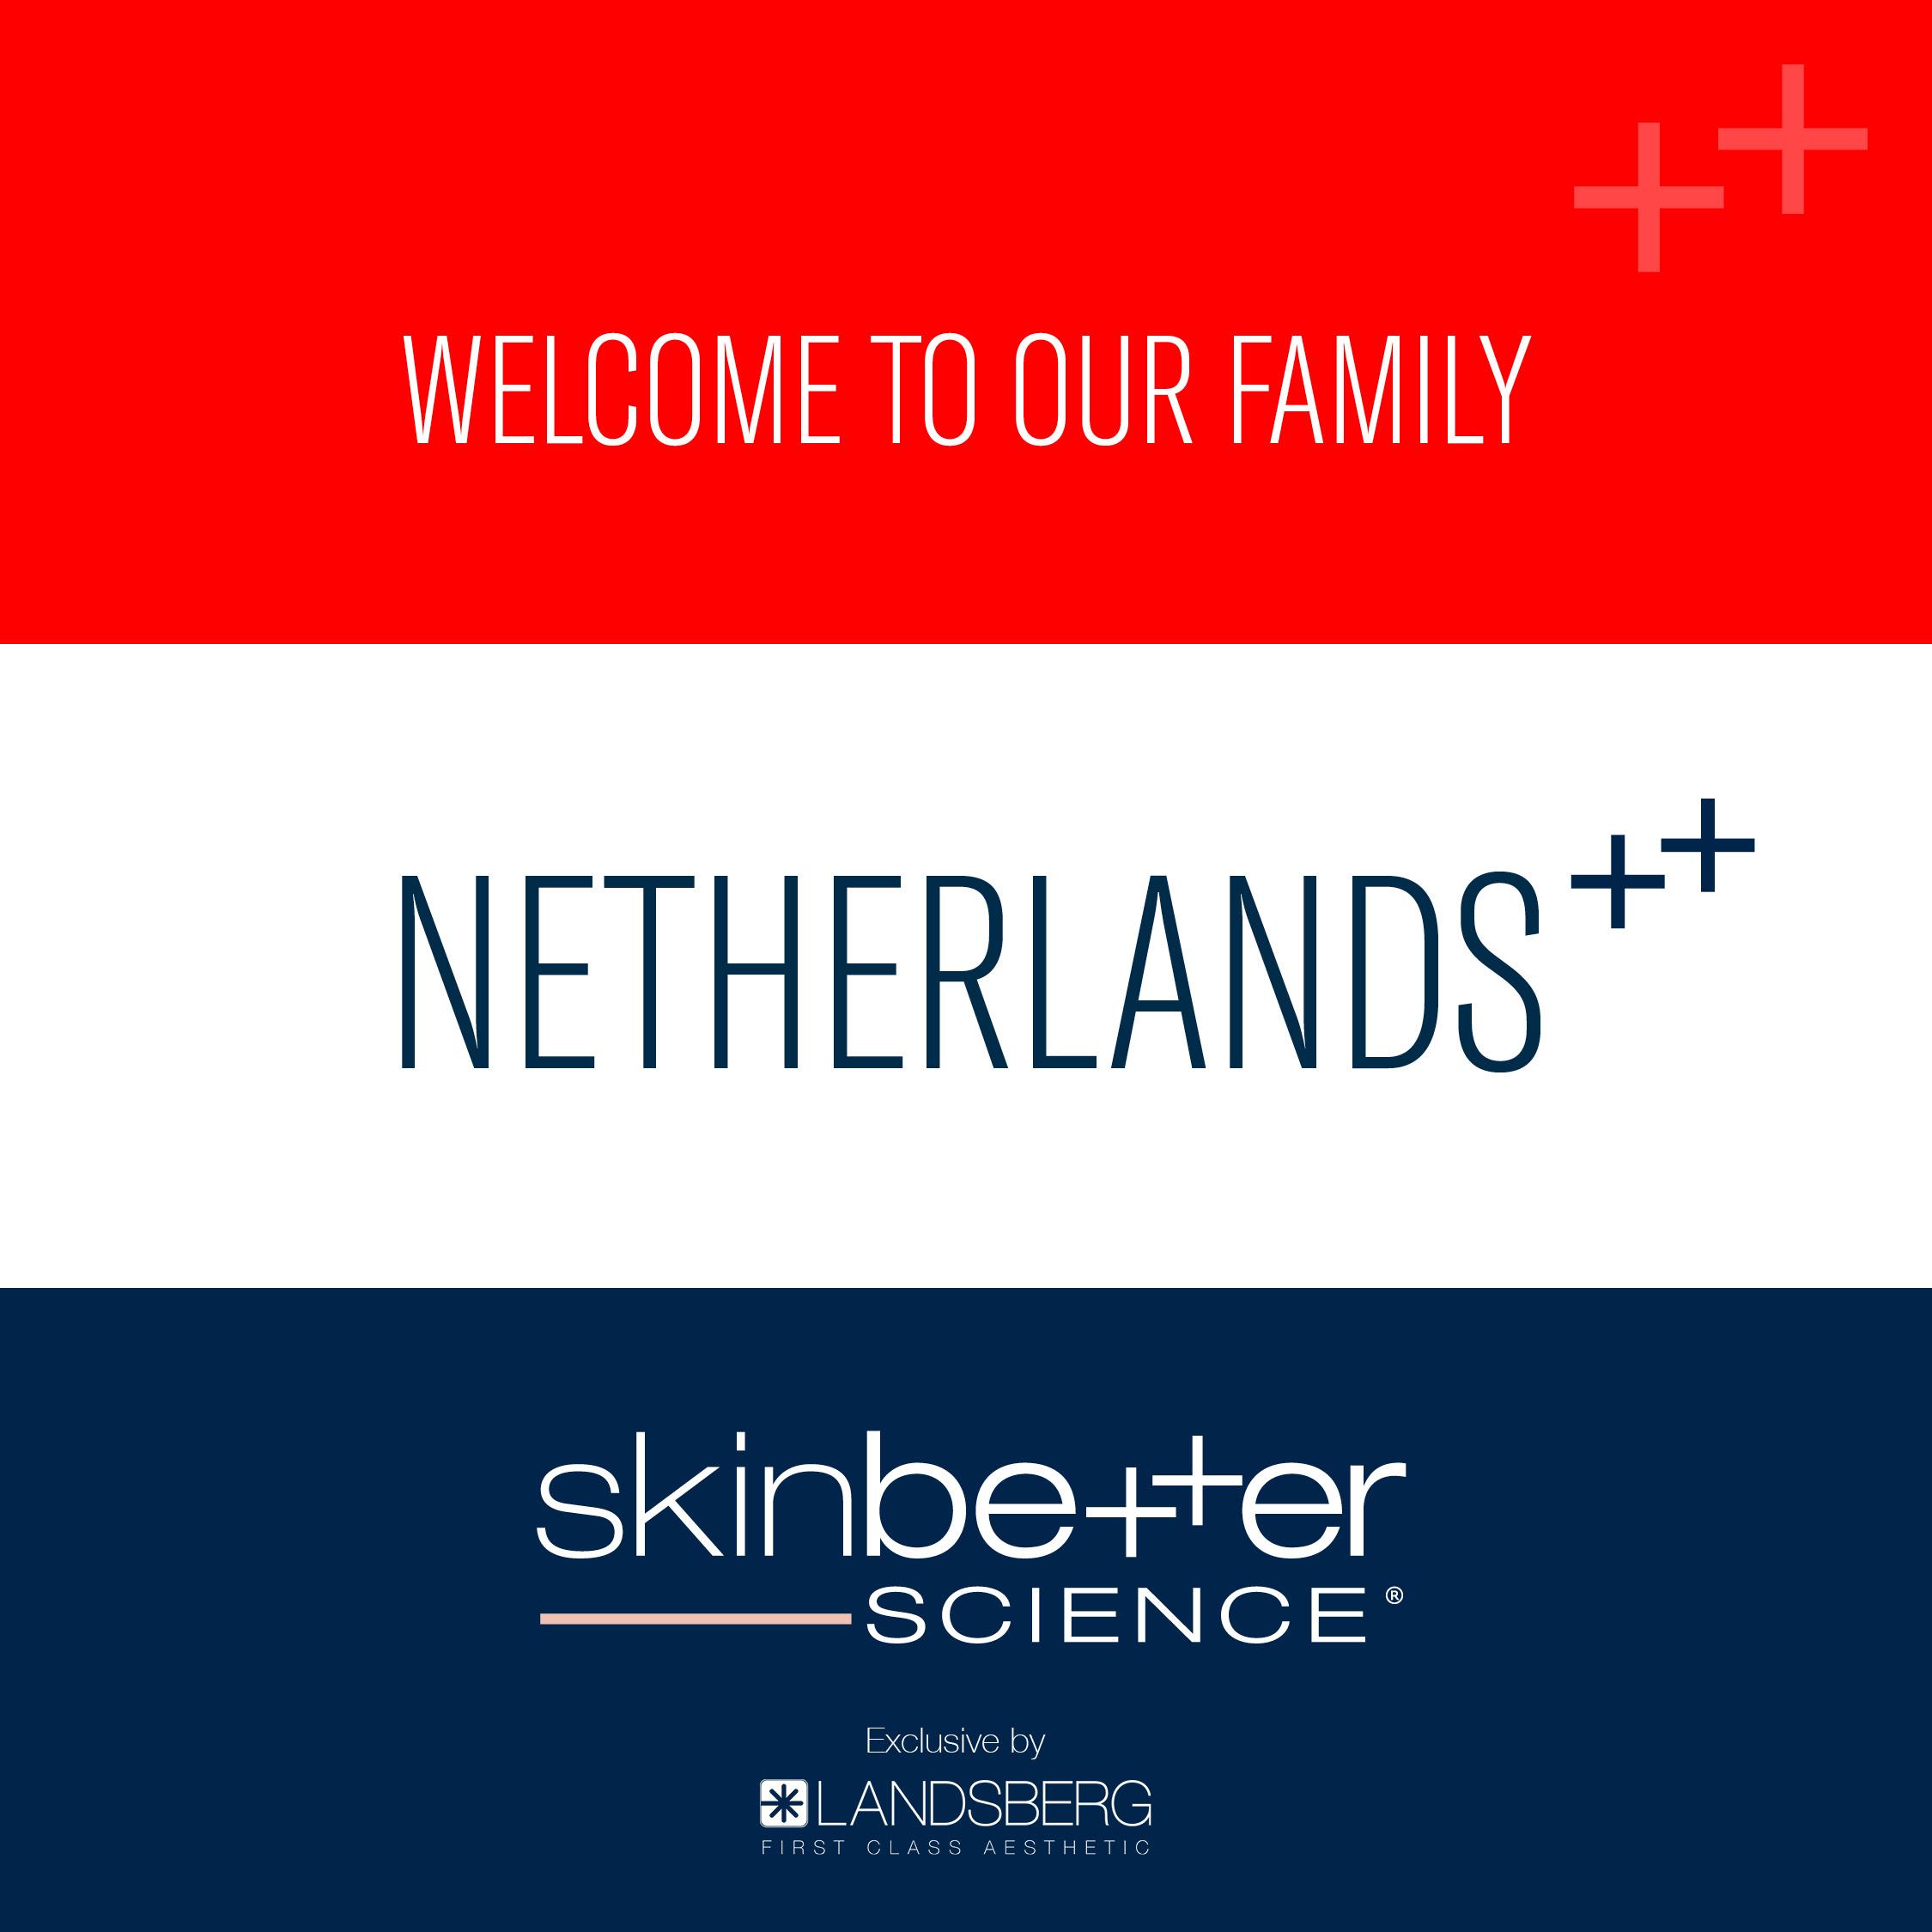 skinbetter science® – Now available in the Netherlands / Jetzt auch in den Niederlanden